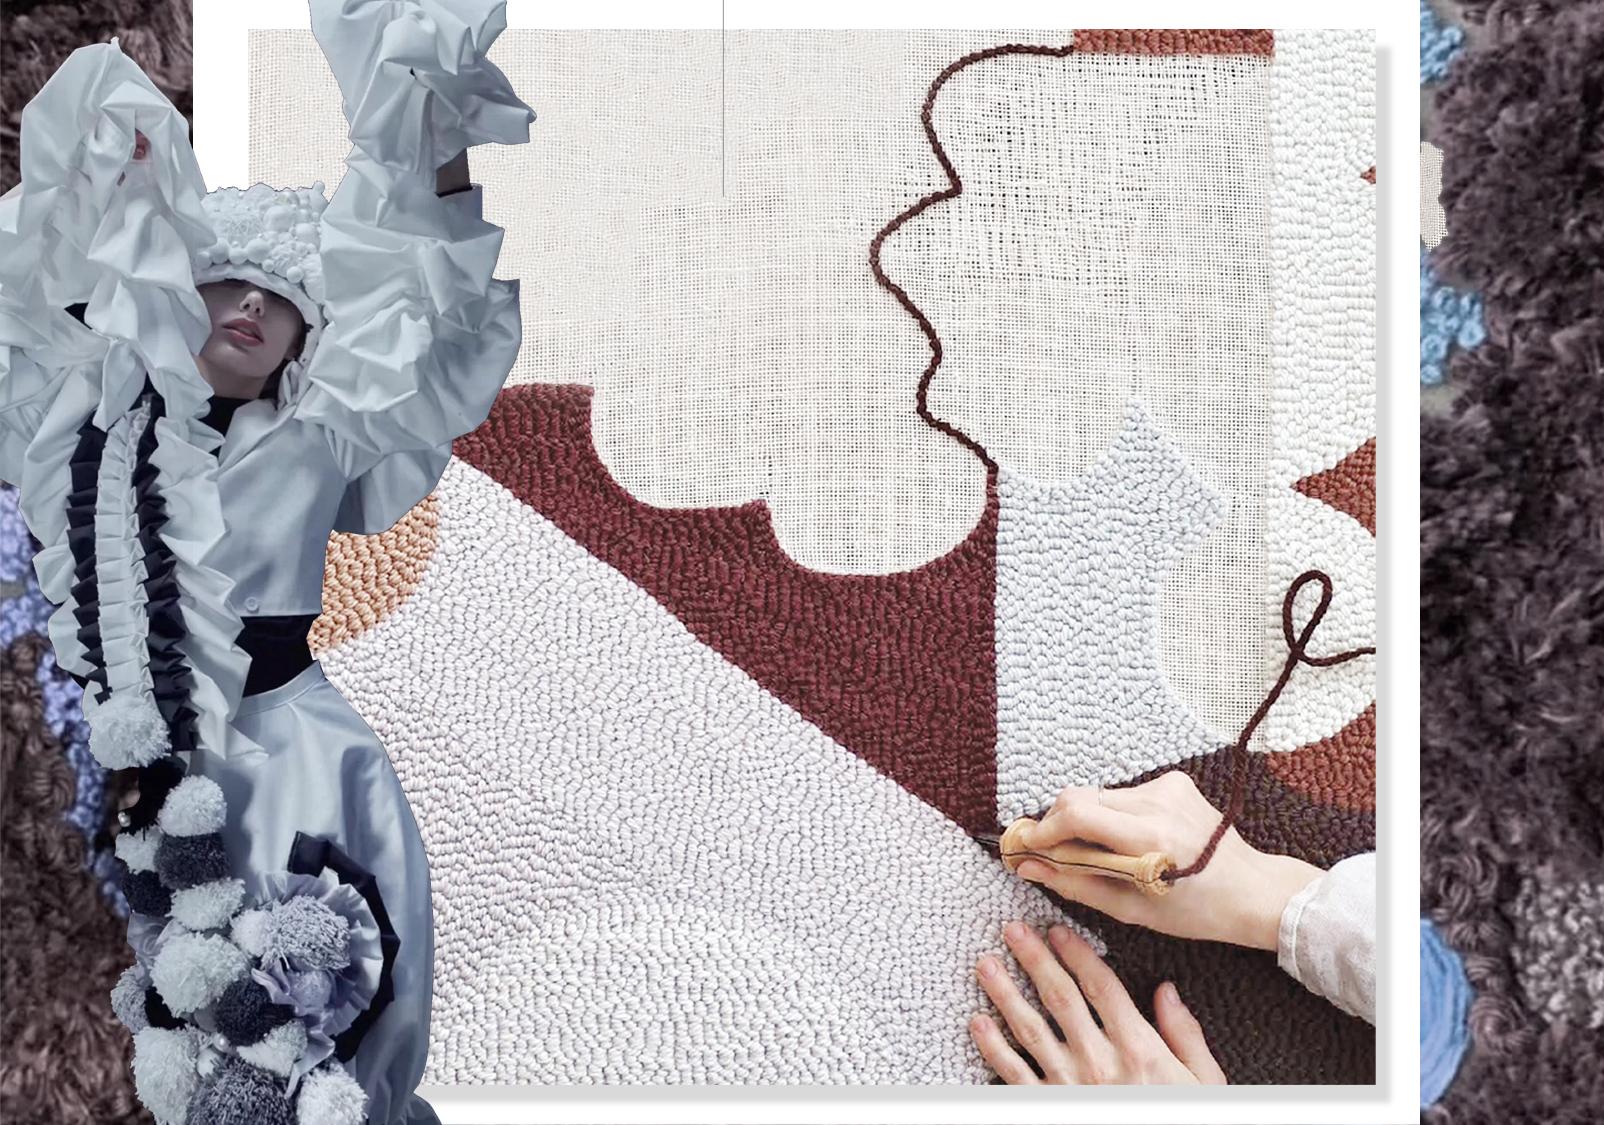 刺绣新方向--女装图案工艺趋势